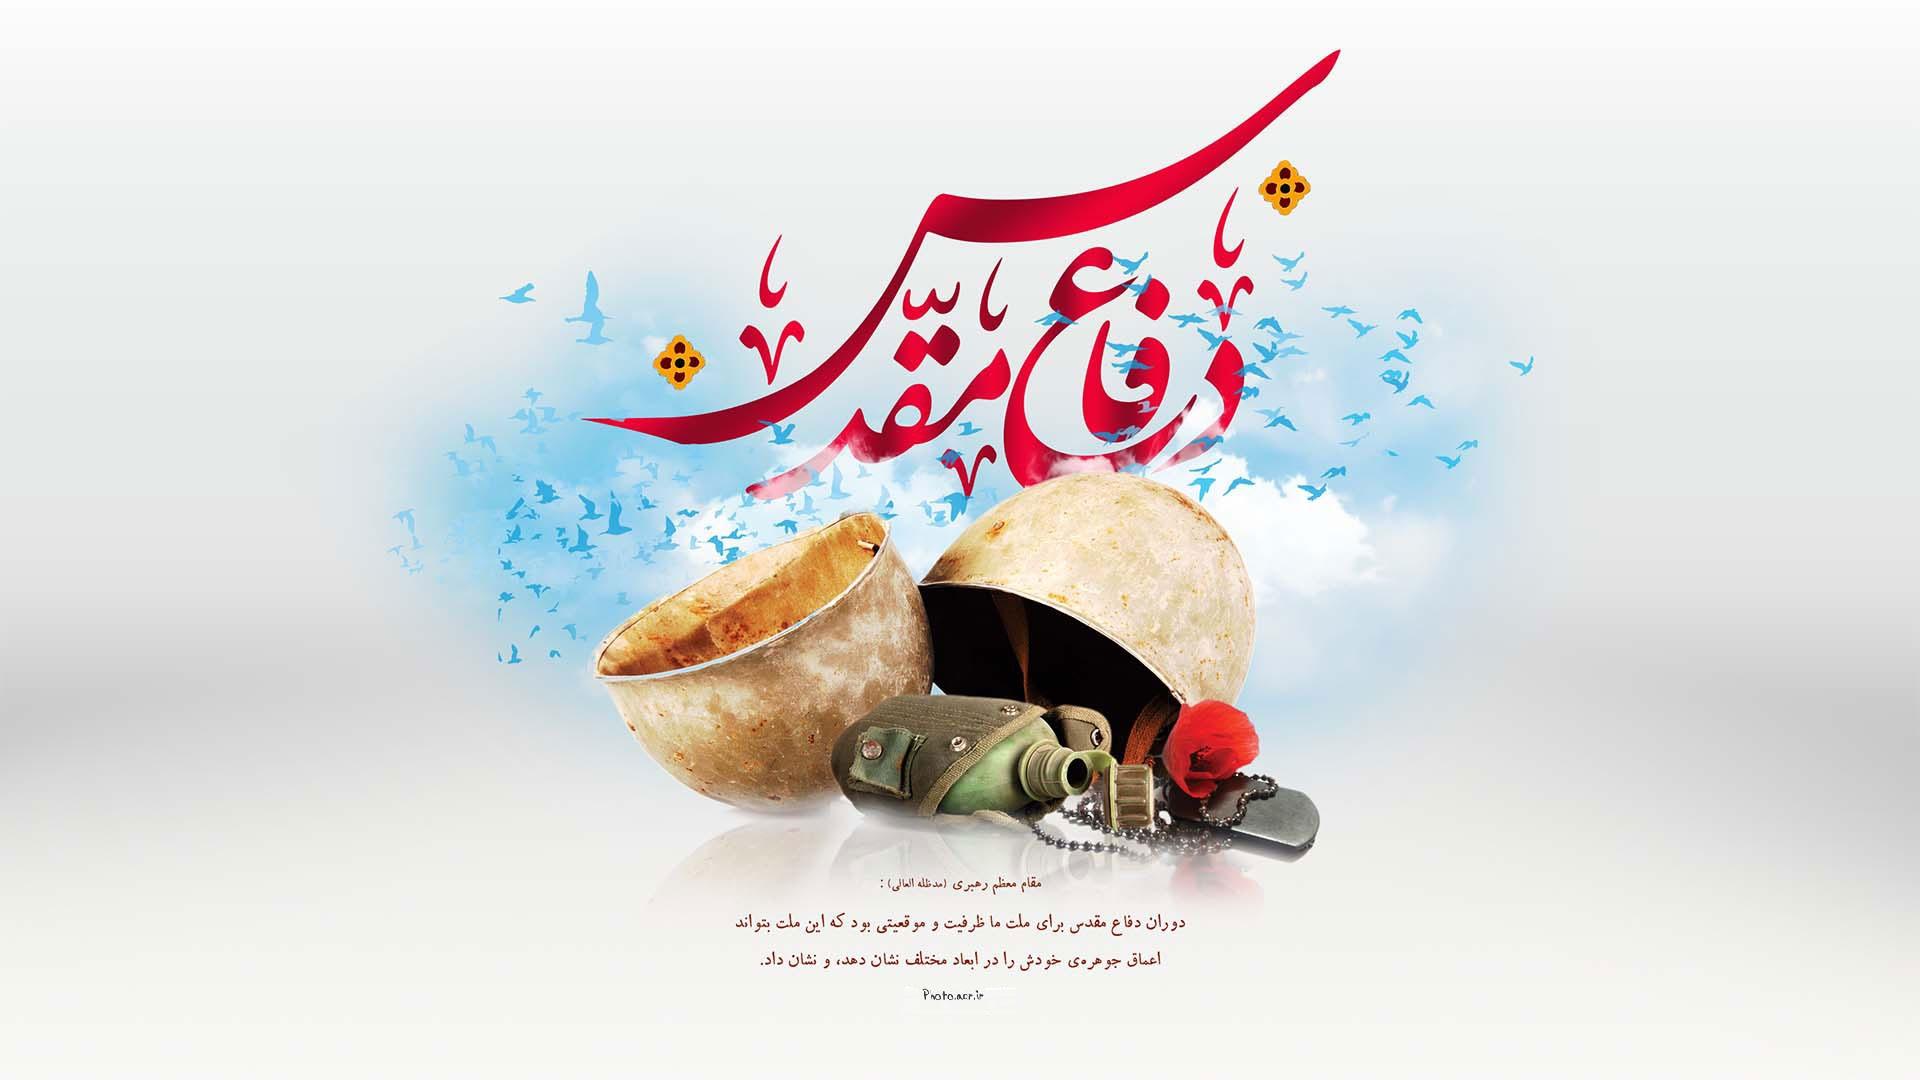 اولین جلسه هیئت امنای نیروی انقلاب اسلامی و دفاع مقدس برگزار شد